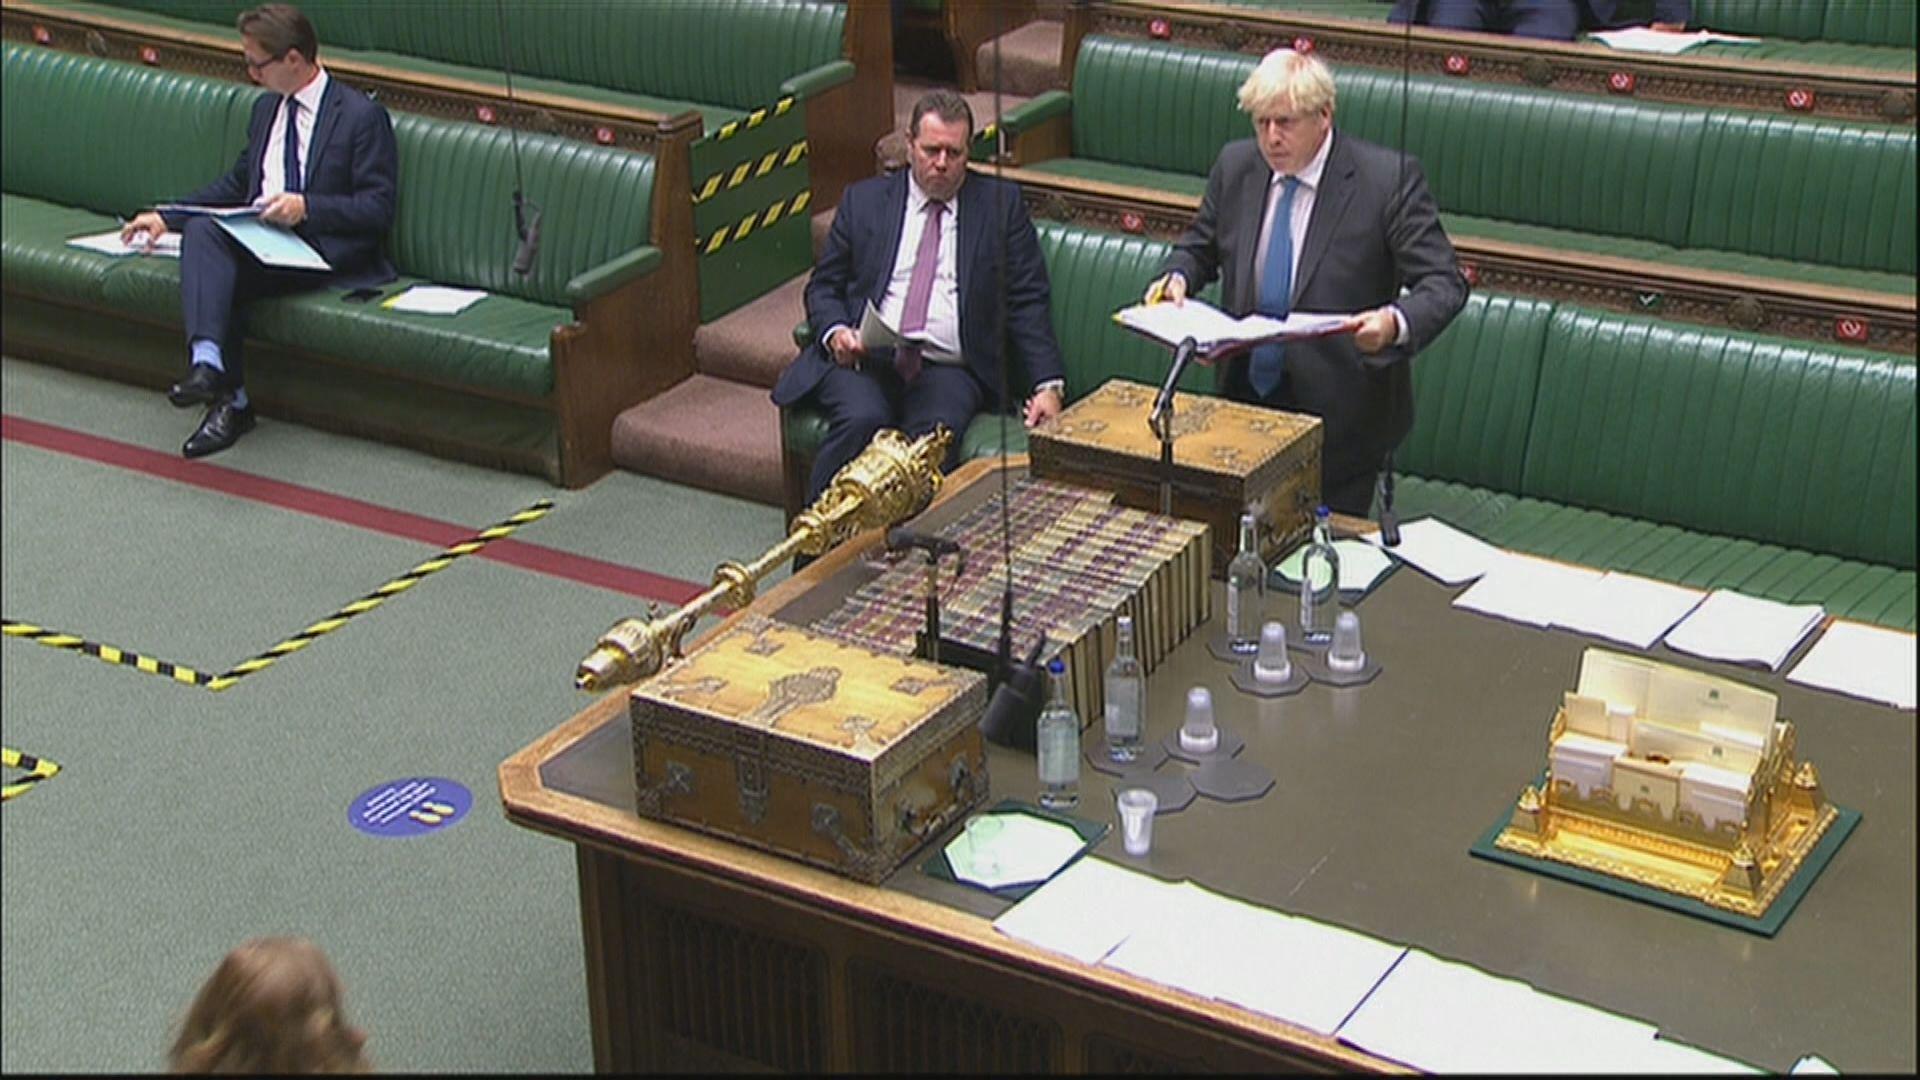 約翰遜重申《內部市場法案》能保障英國完整